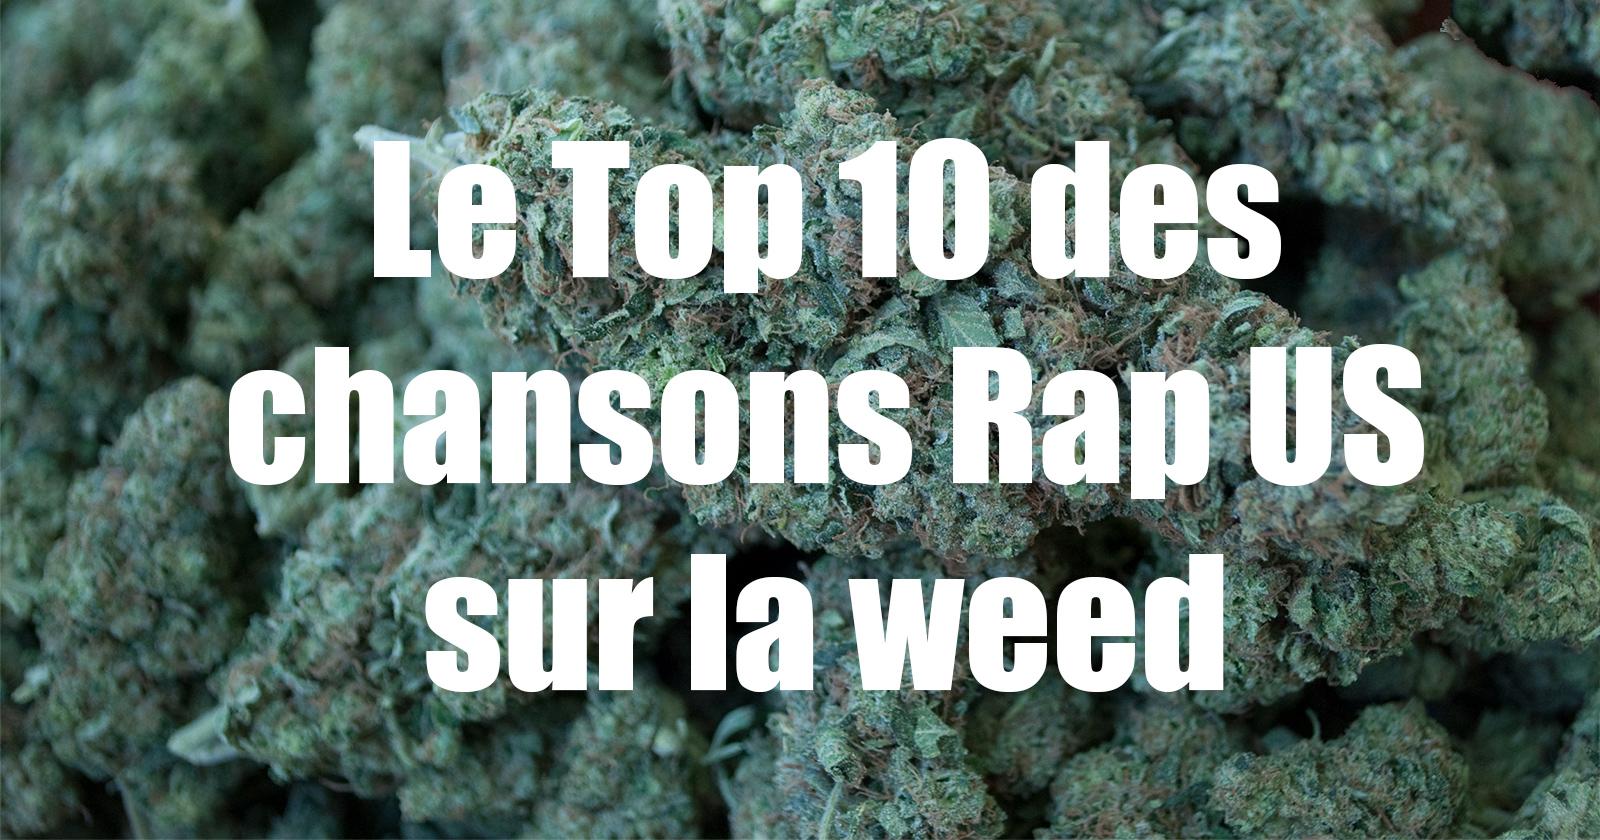 Chansons rap US sur la weed